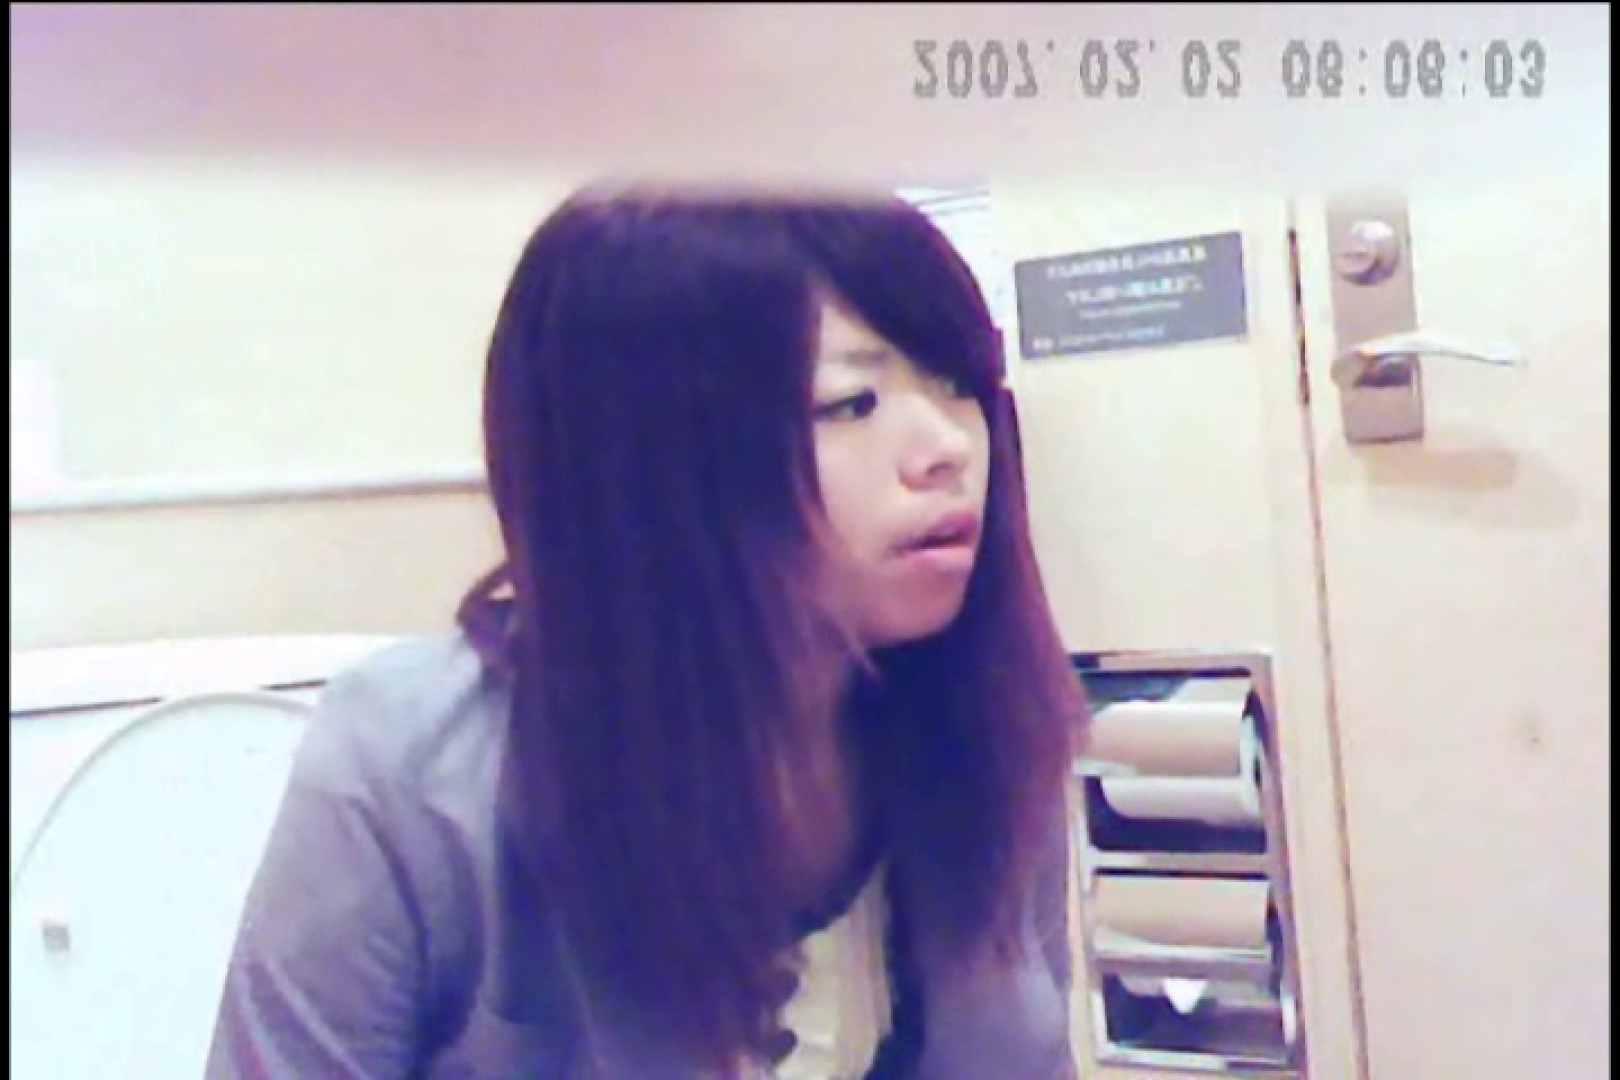 画質向上!新亀さん厠 vol.56 厠・・・ AV無料動画キャプチャ 98PIX 14